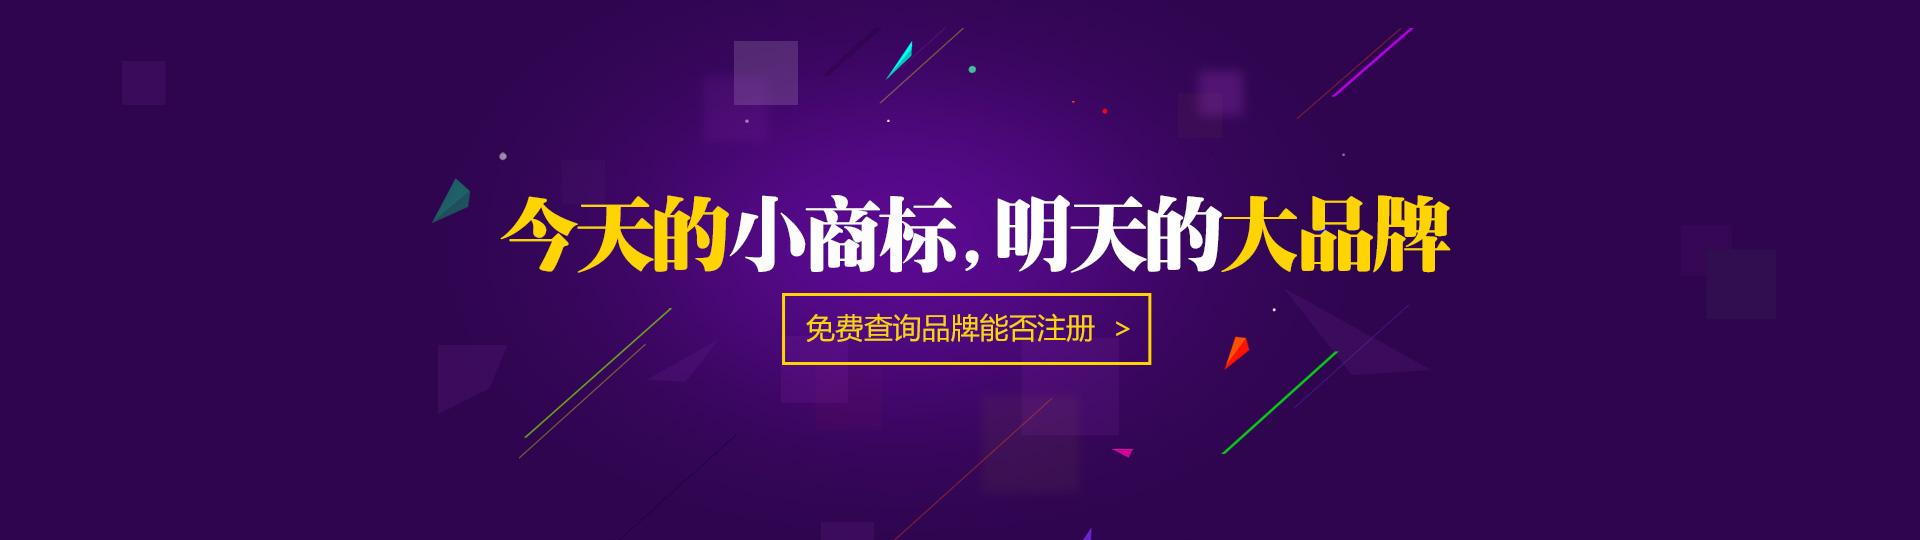 平安彩票官方网站